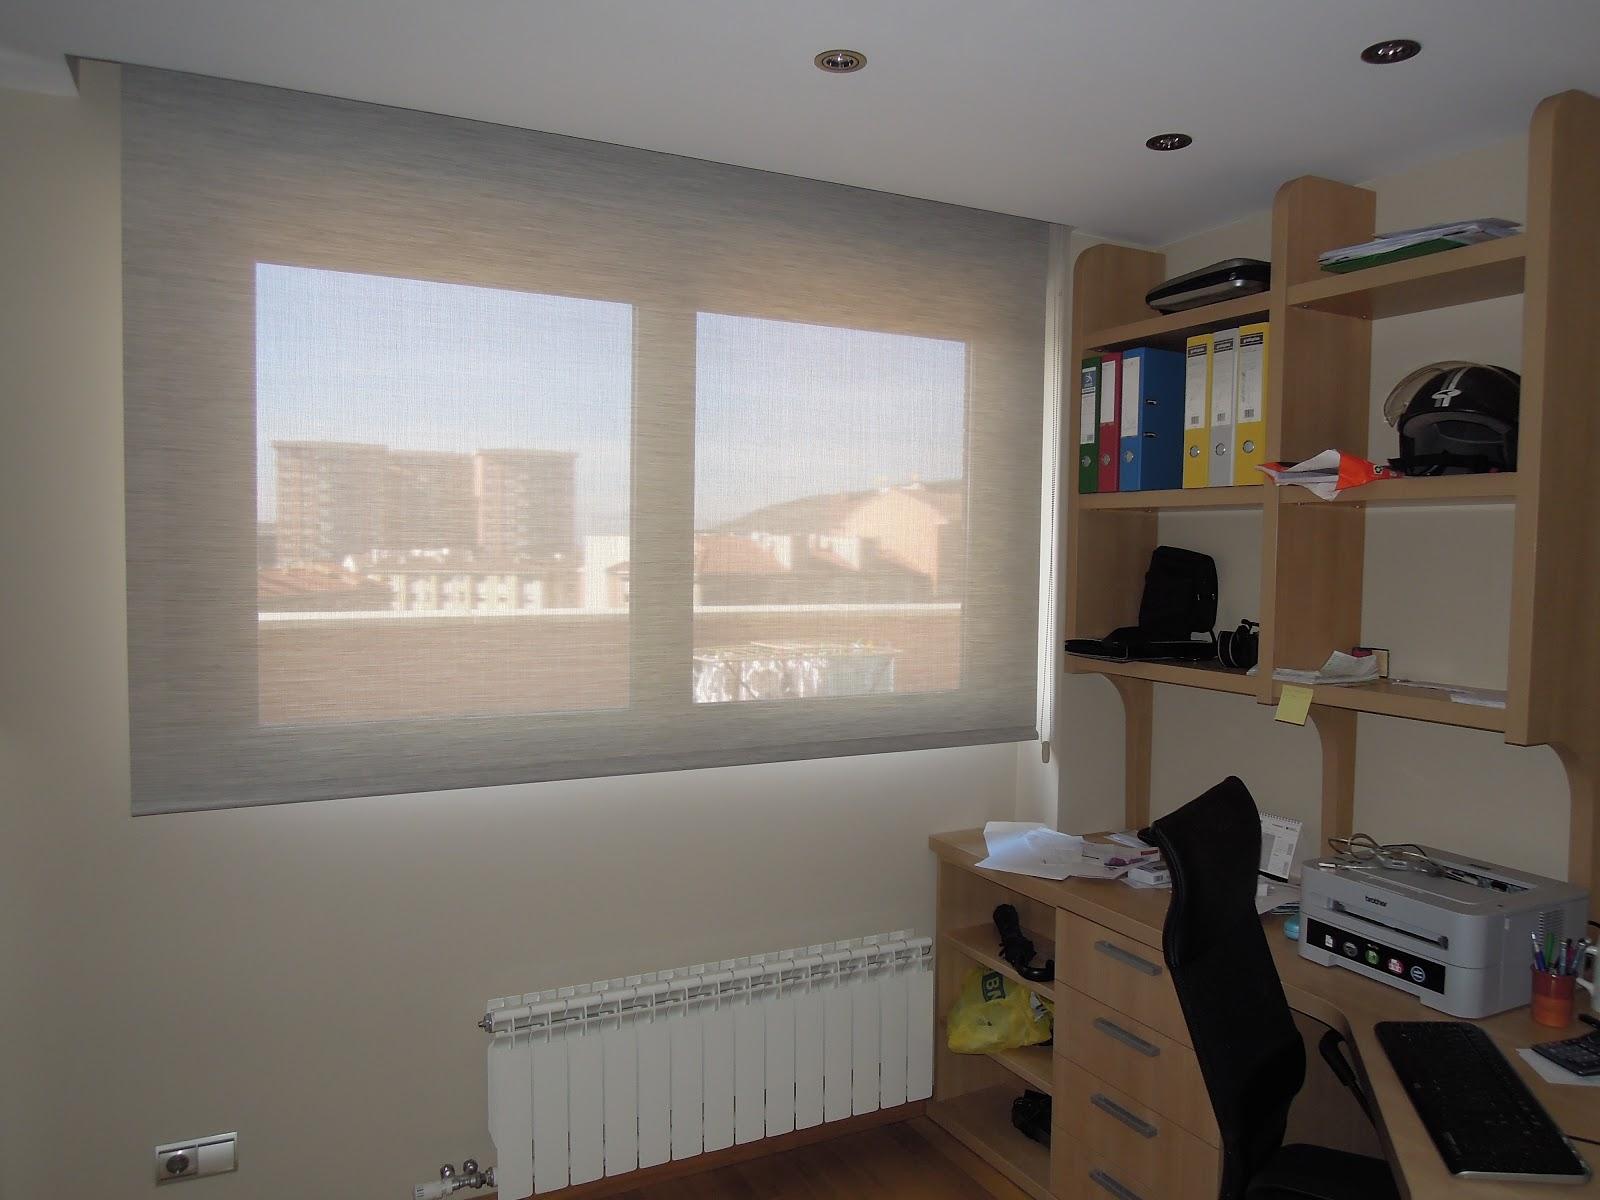 Fotos de cortinas dormitorio juvenil 2012 - Estores para habitaciones ...